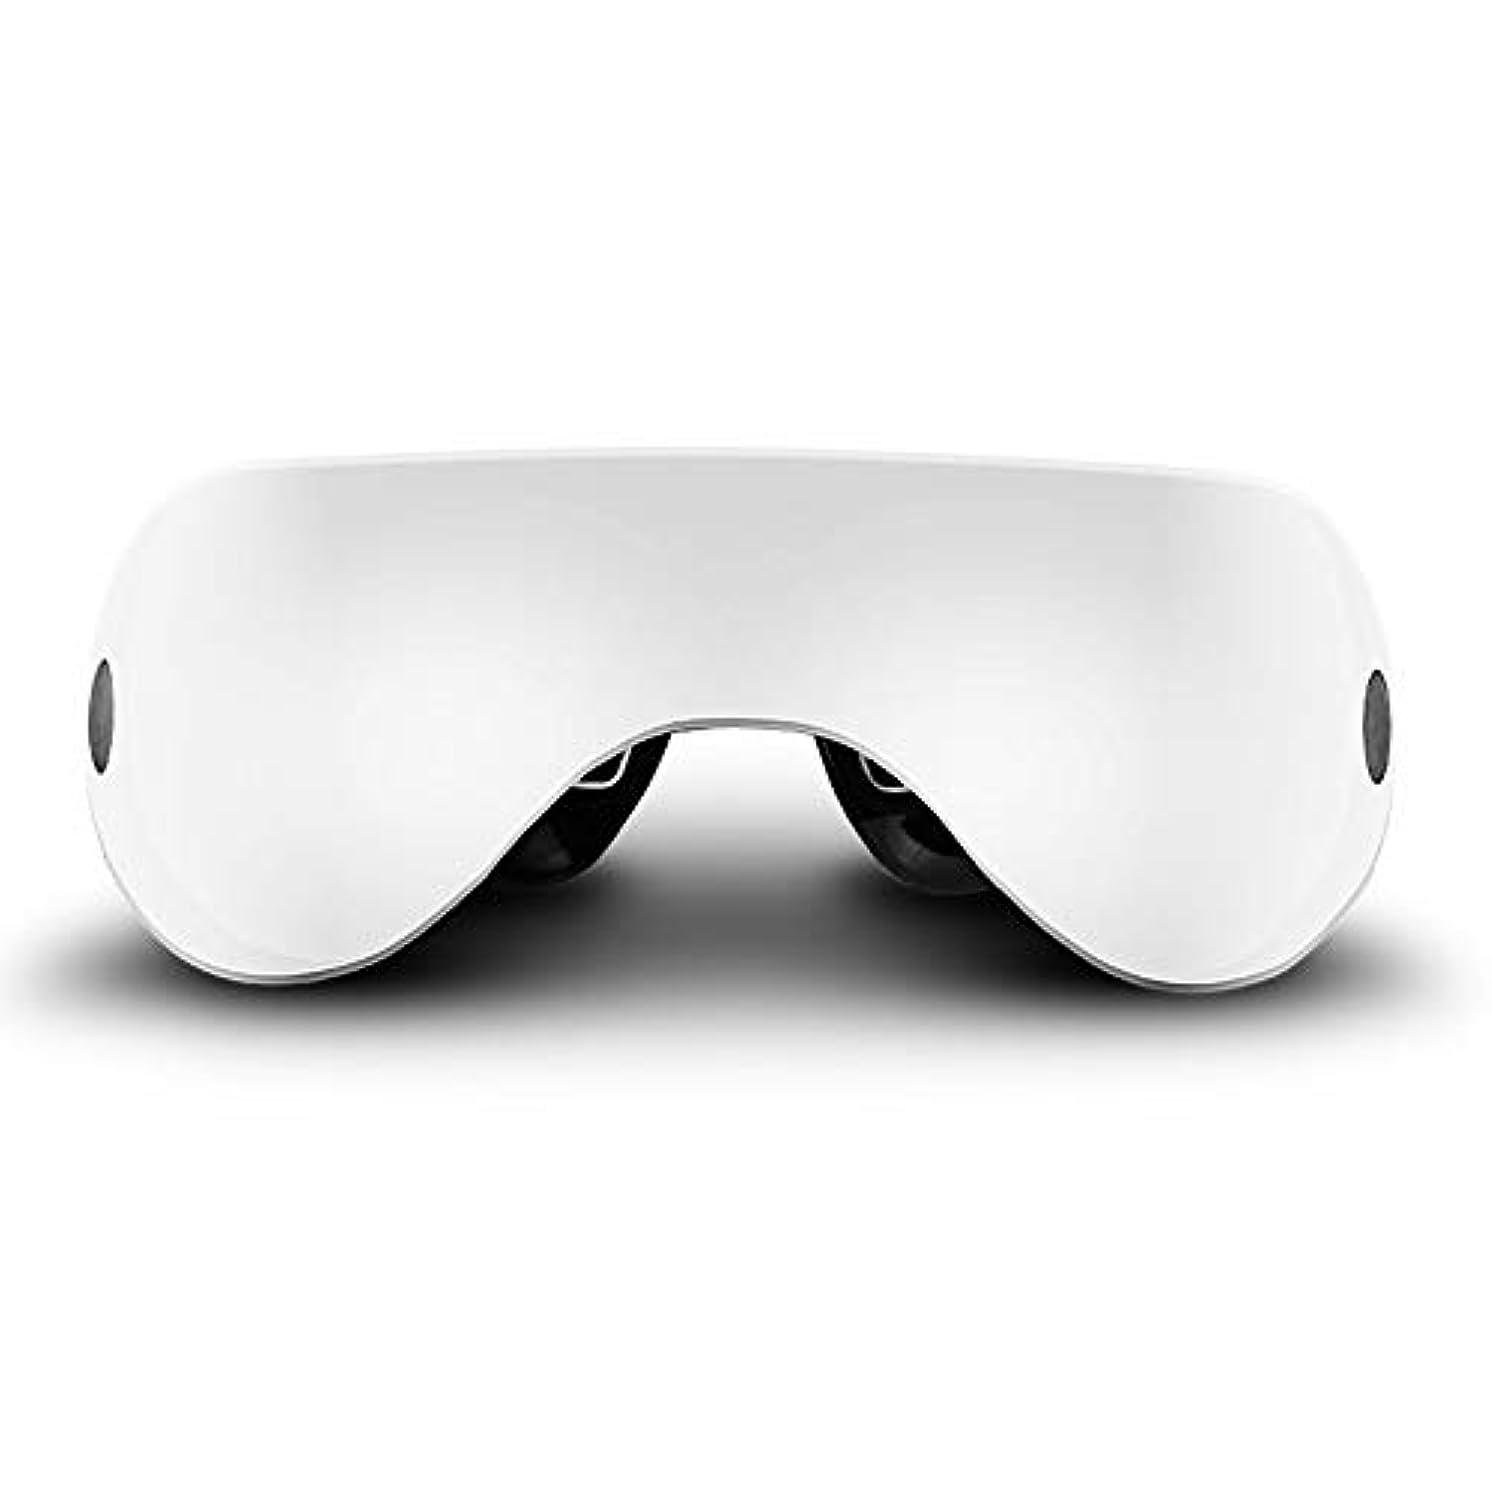 外出トンネル先行するJJYPY 電動アイマッサージャー、目の疲労のためのワイヤレス充電式アイマッサージャードライアイストレスリリーフ (Color : White)